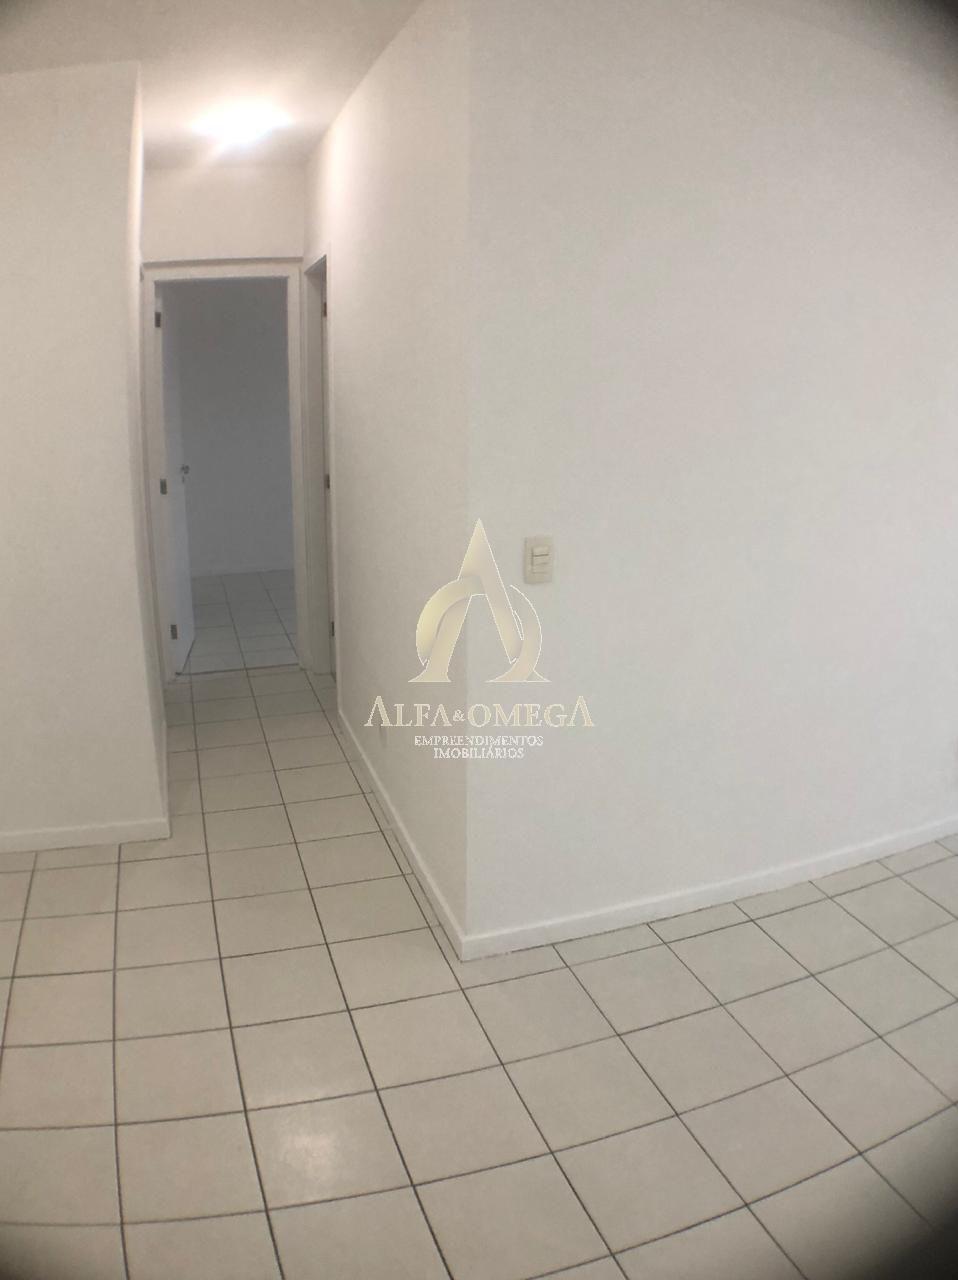 FOTO 5 - Apartamento Barra da Tijuca, Rio de Janeiro, RJ Para Alugar, 2 Quartos, 69m² - AO20270L - 6